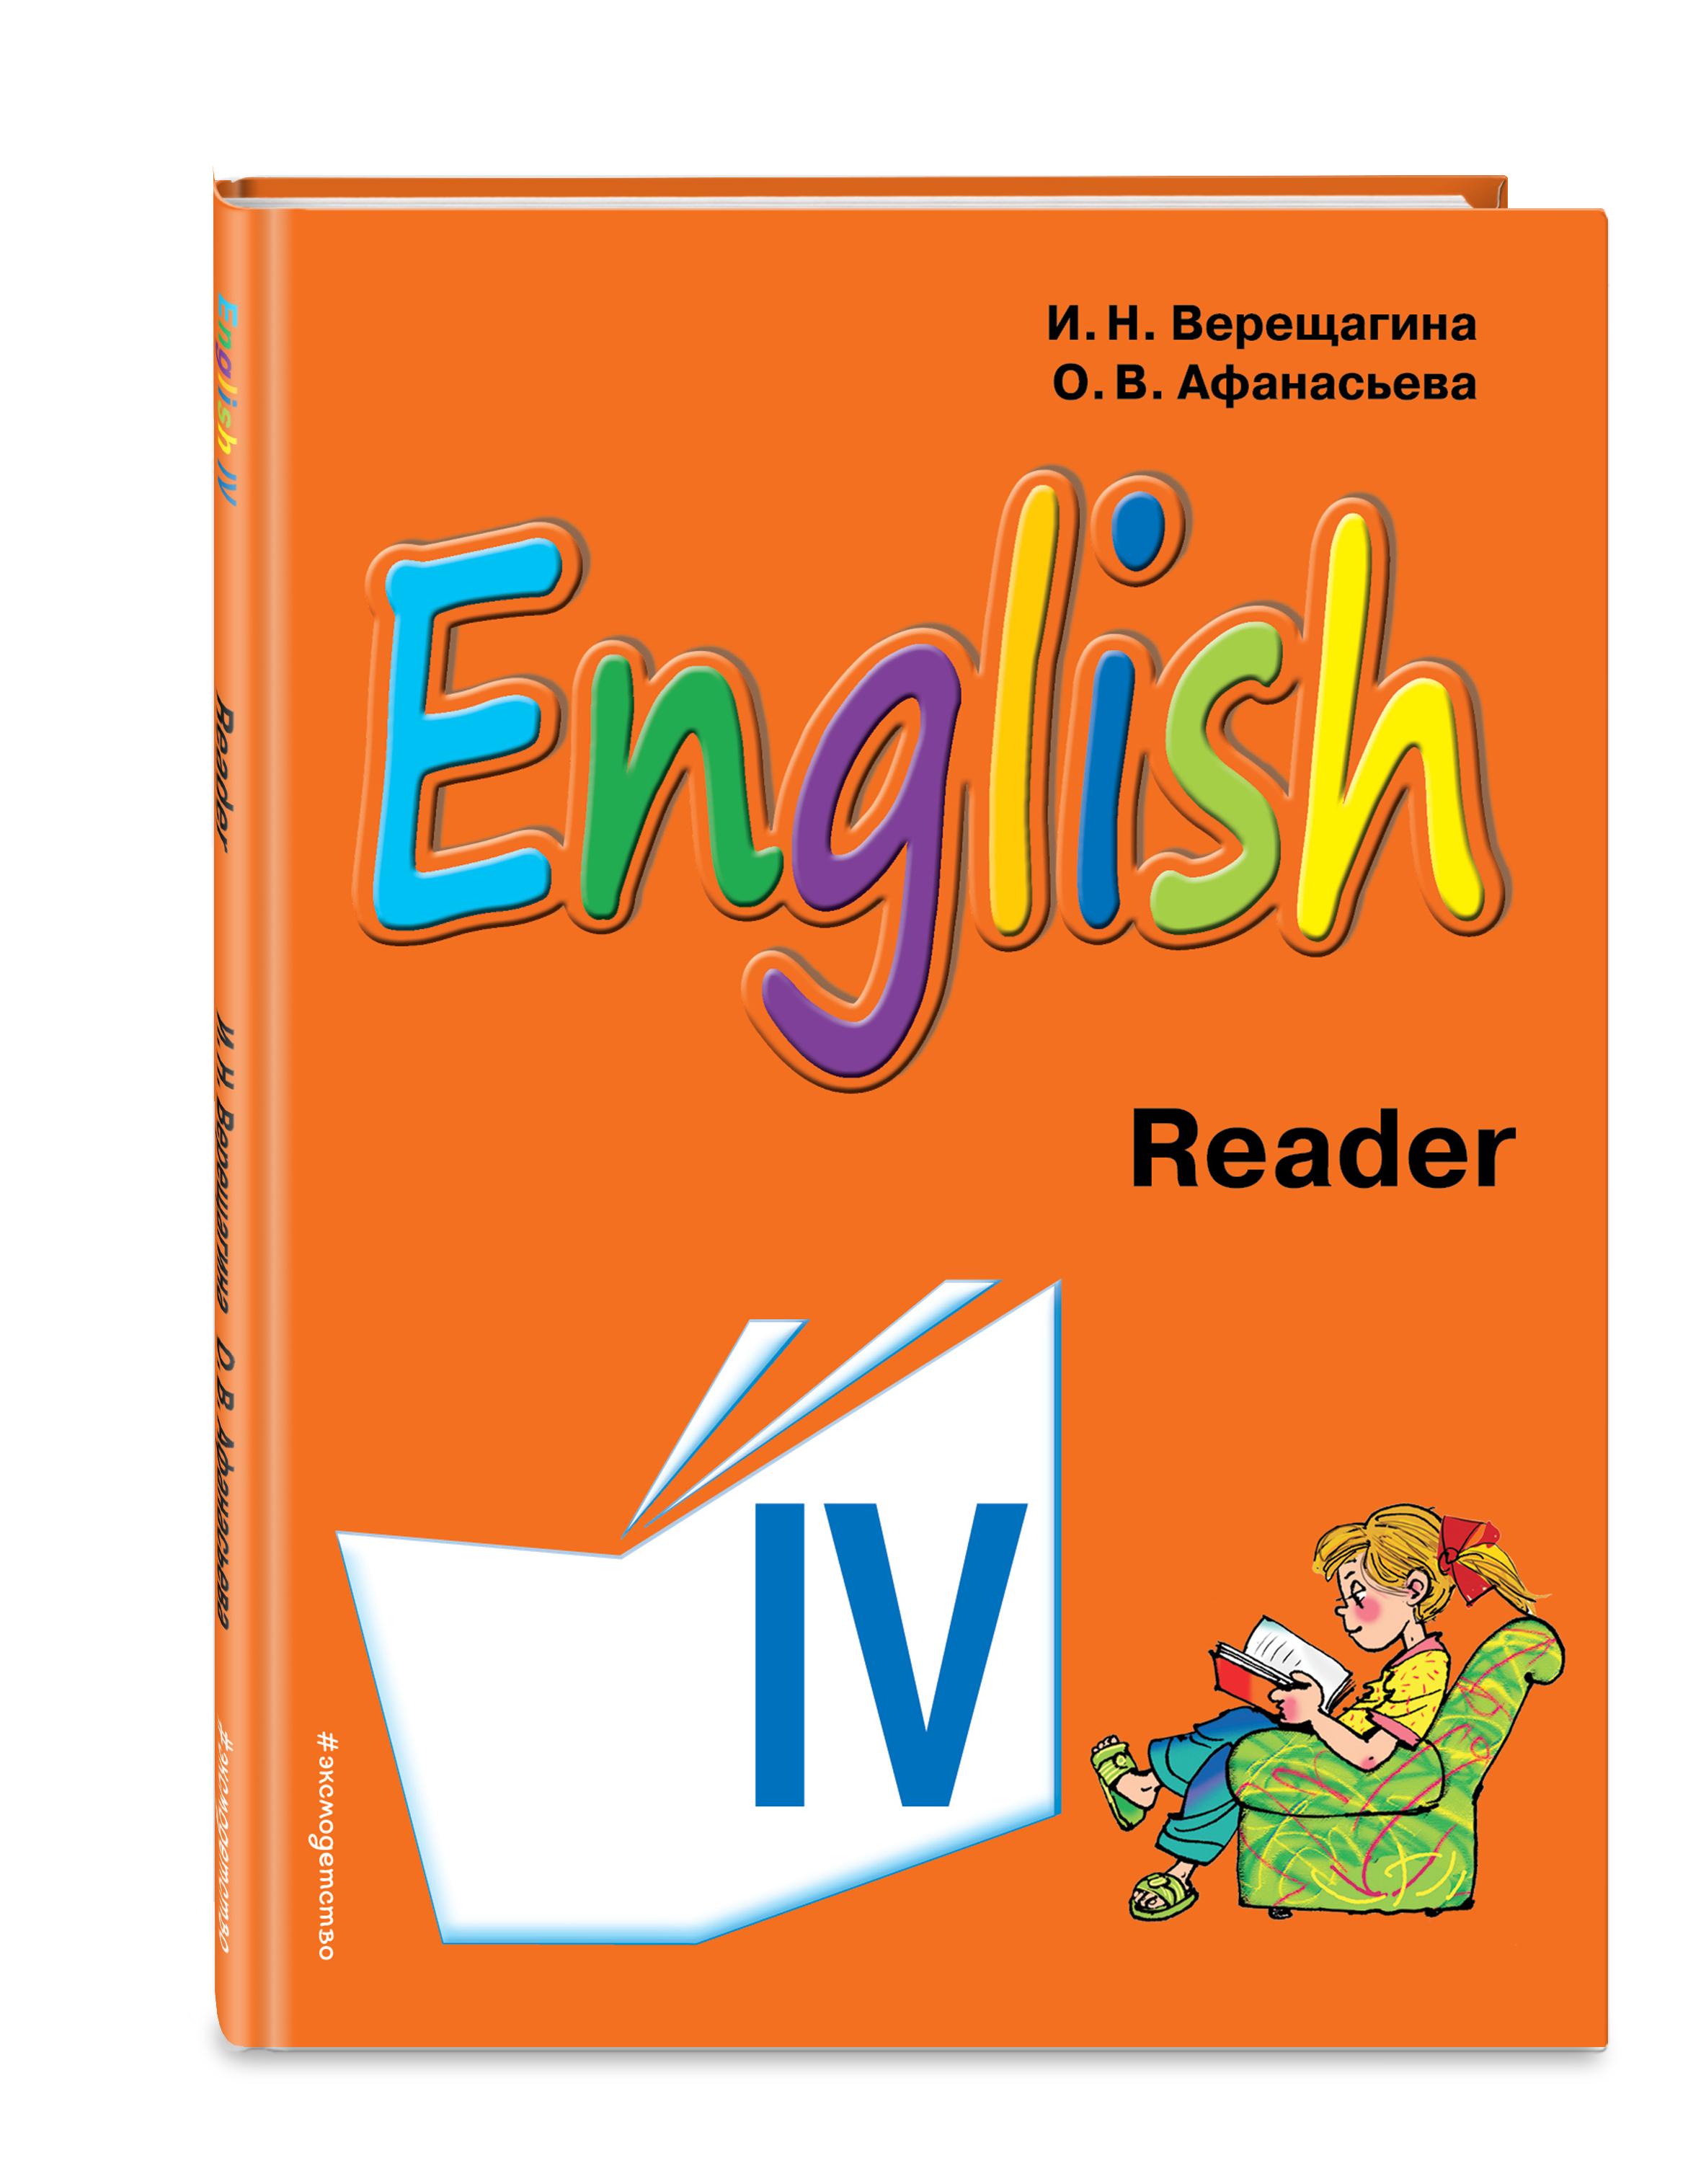 Английский язык. IV класс. Книга для чтения ( И.Н. Верещагина, О.В. Афанасьева  )